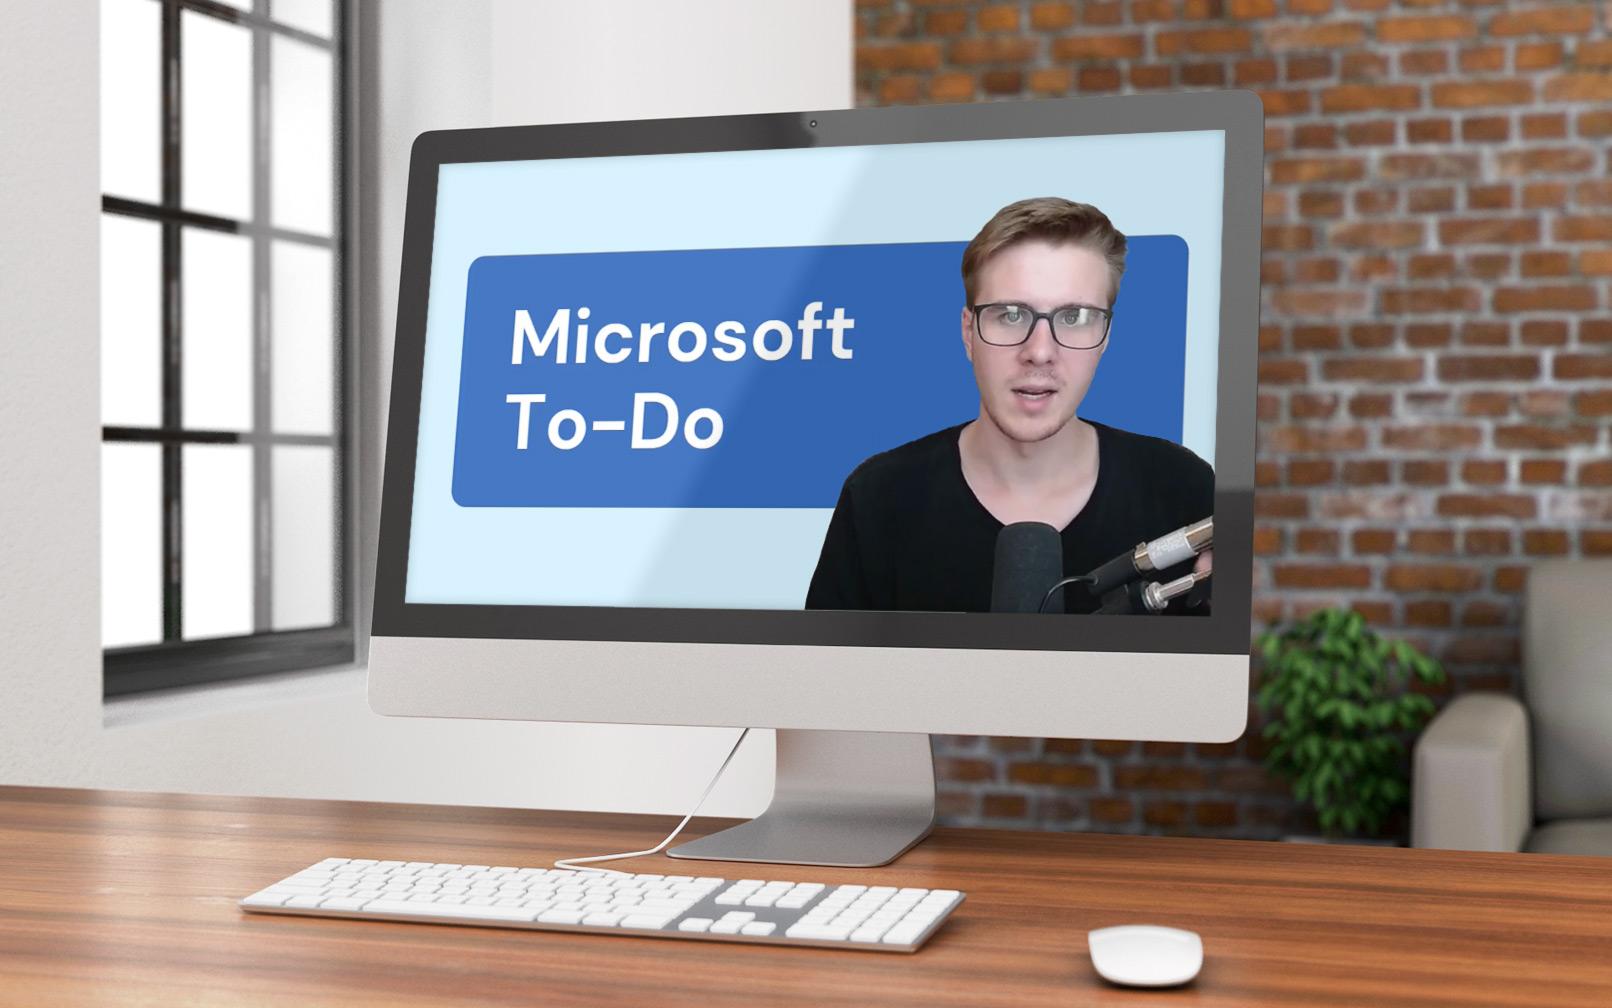 Bildschirm mit Screenshot aus der Microsoft To Do-Video-Anleitung